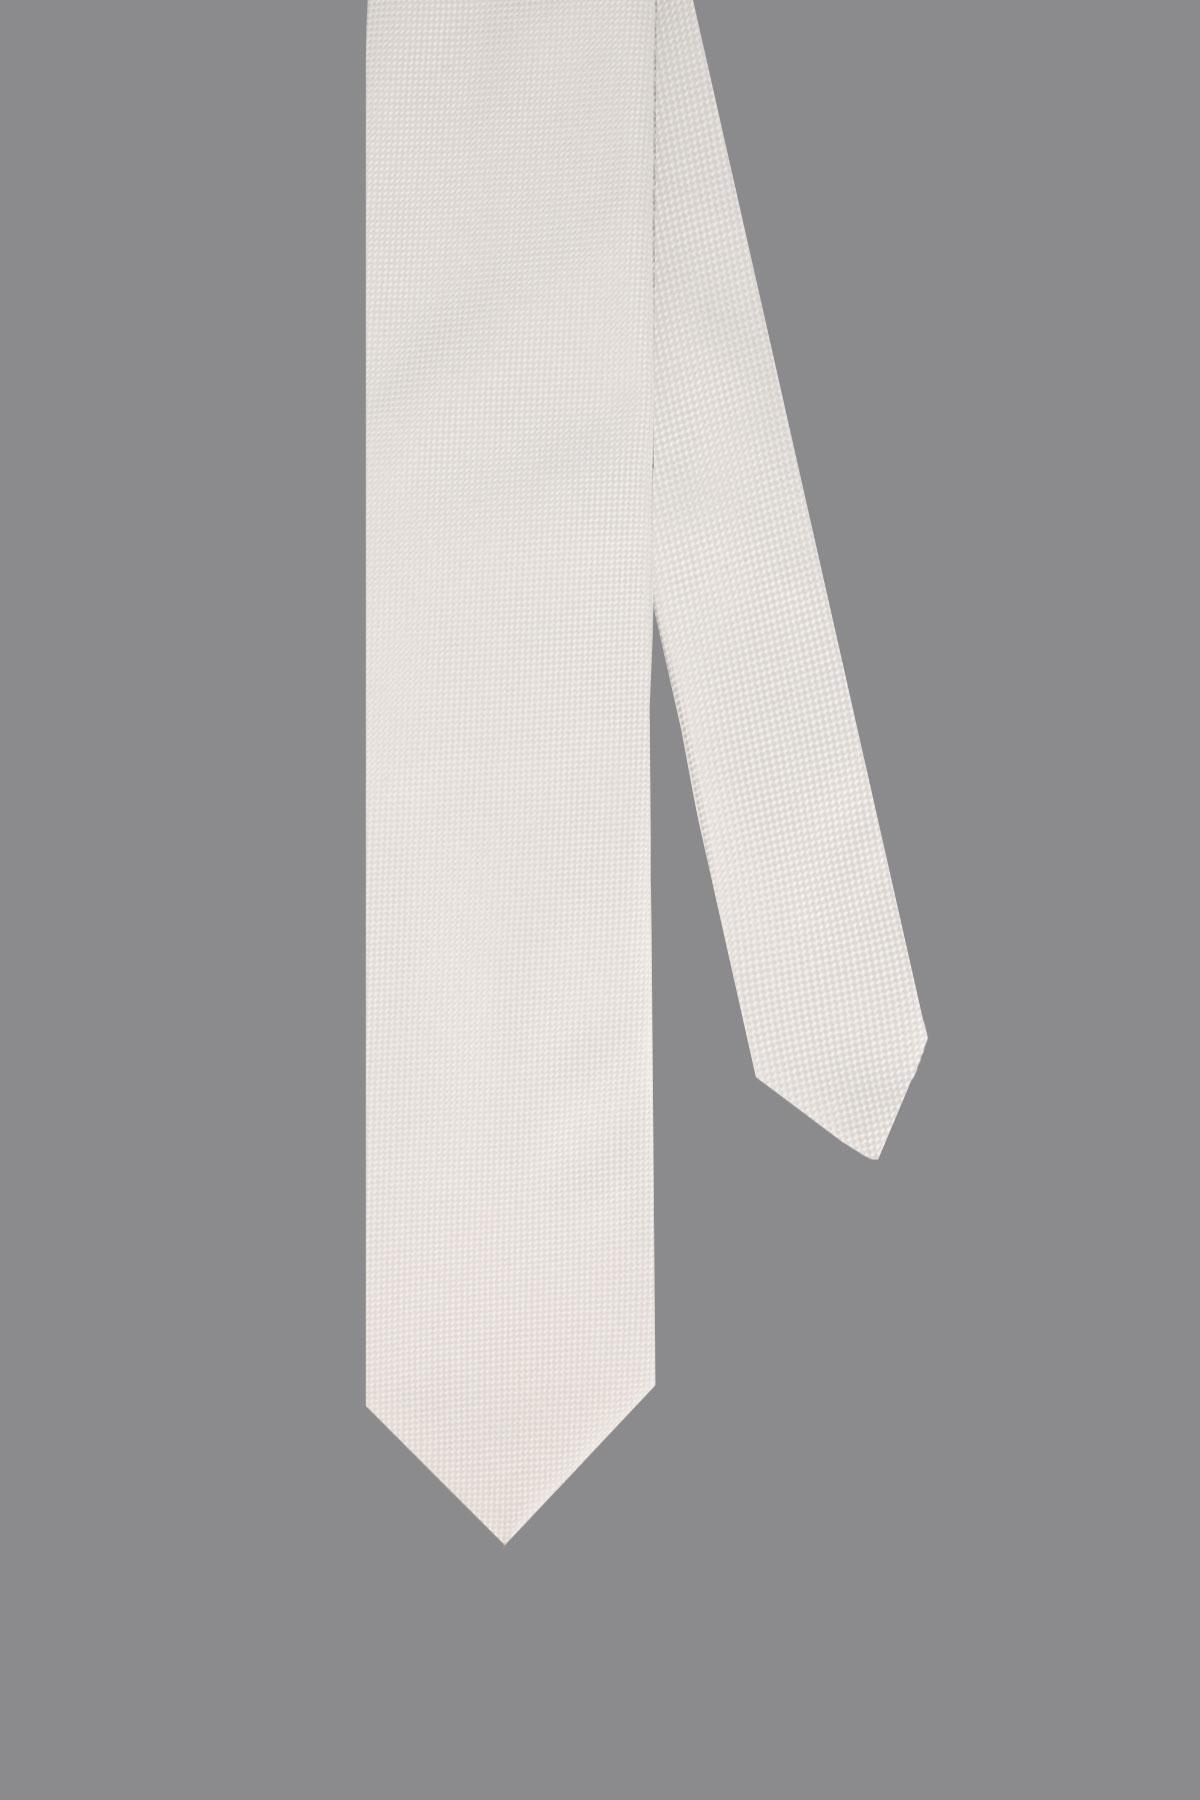 Corbata CANALI color Blanco